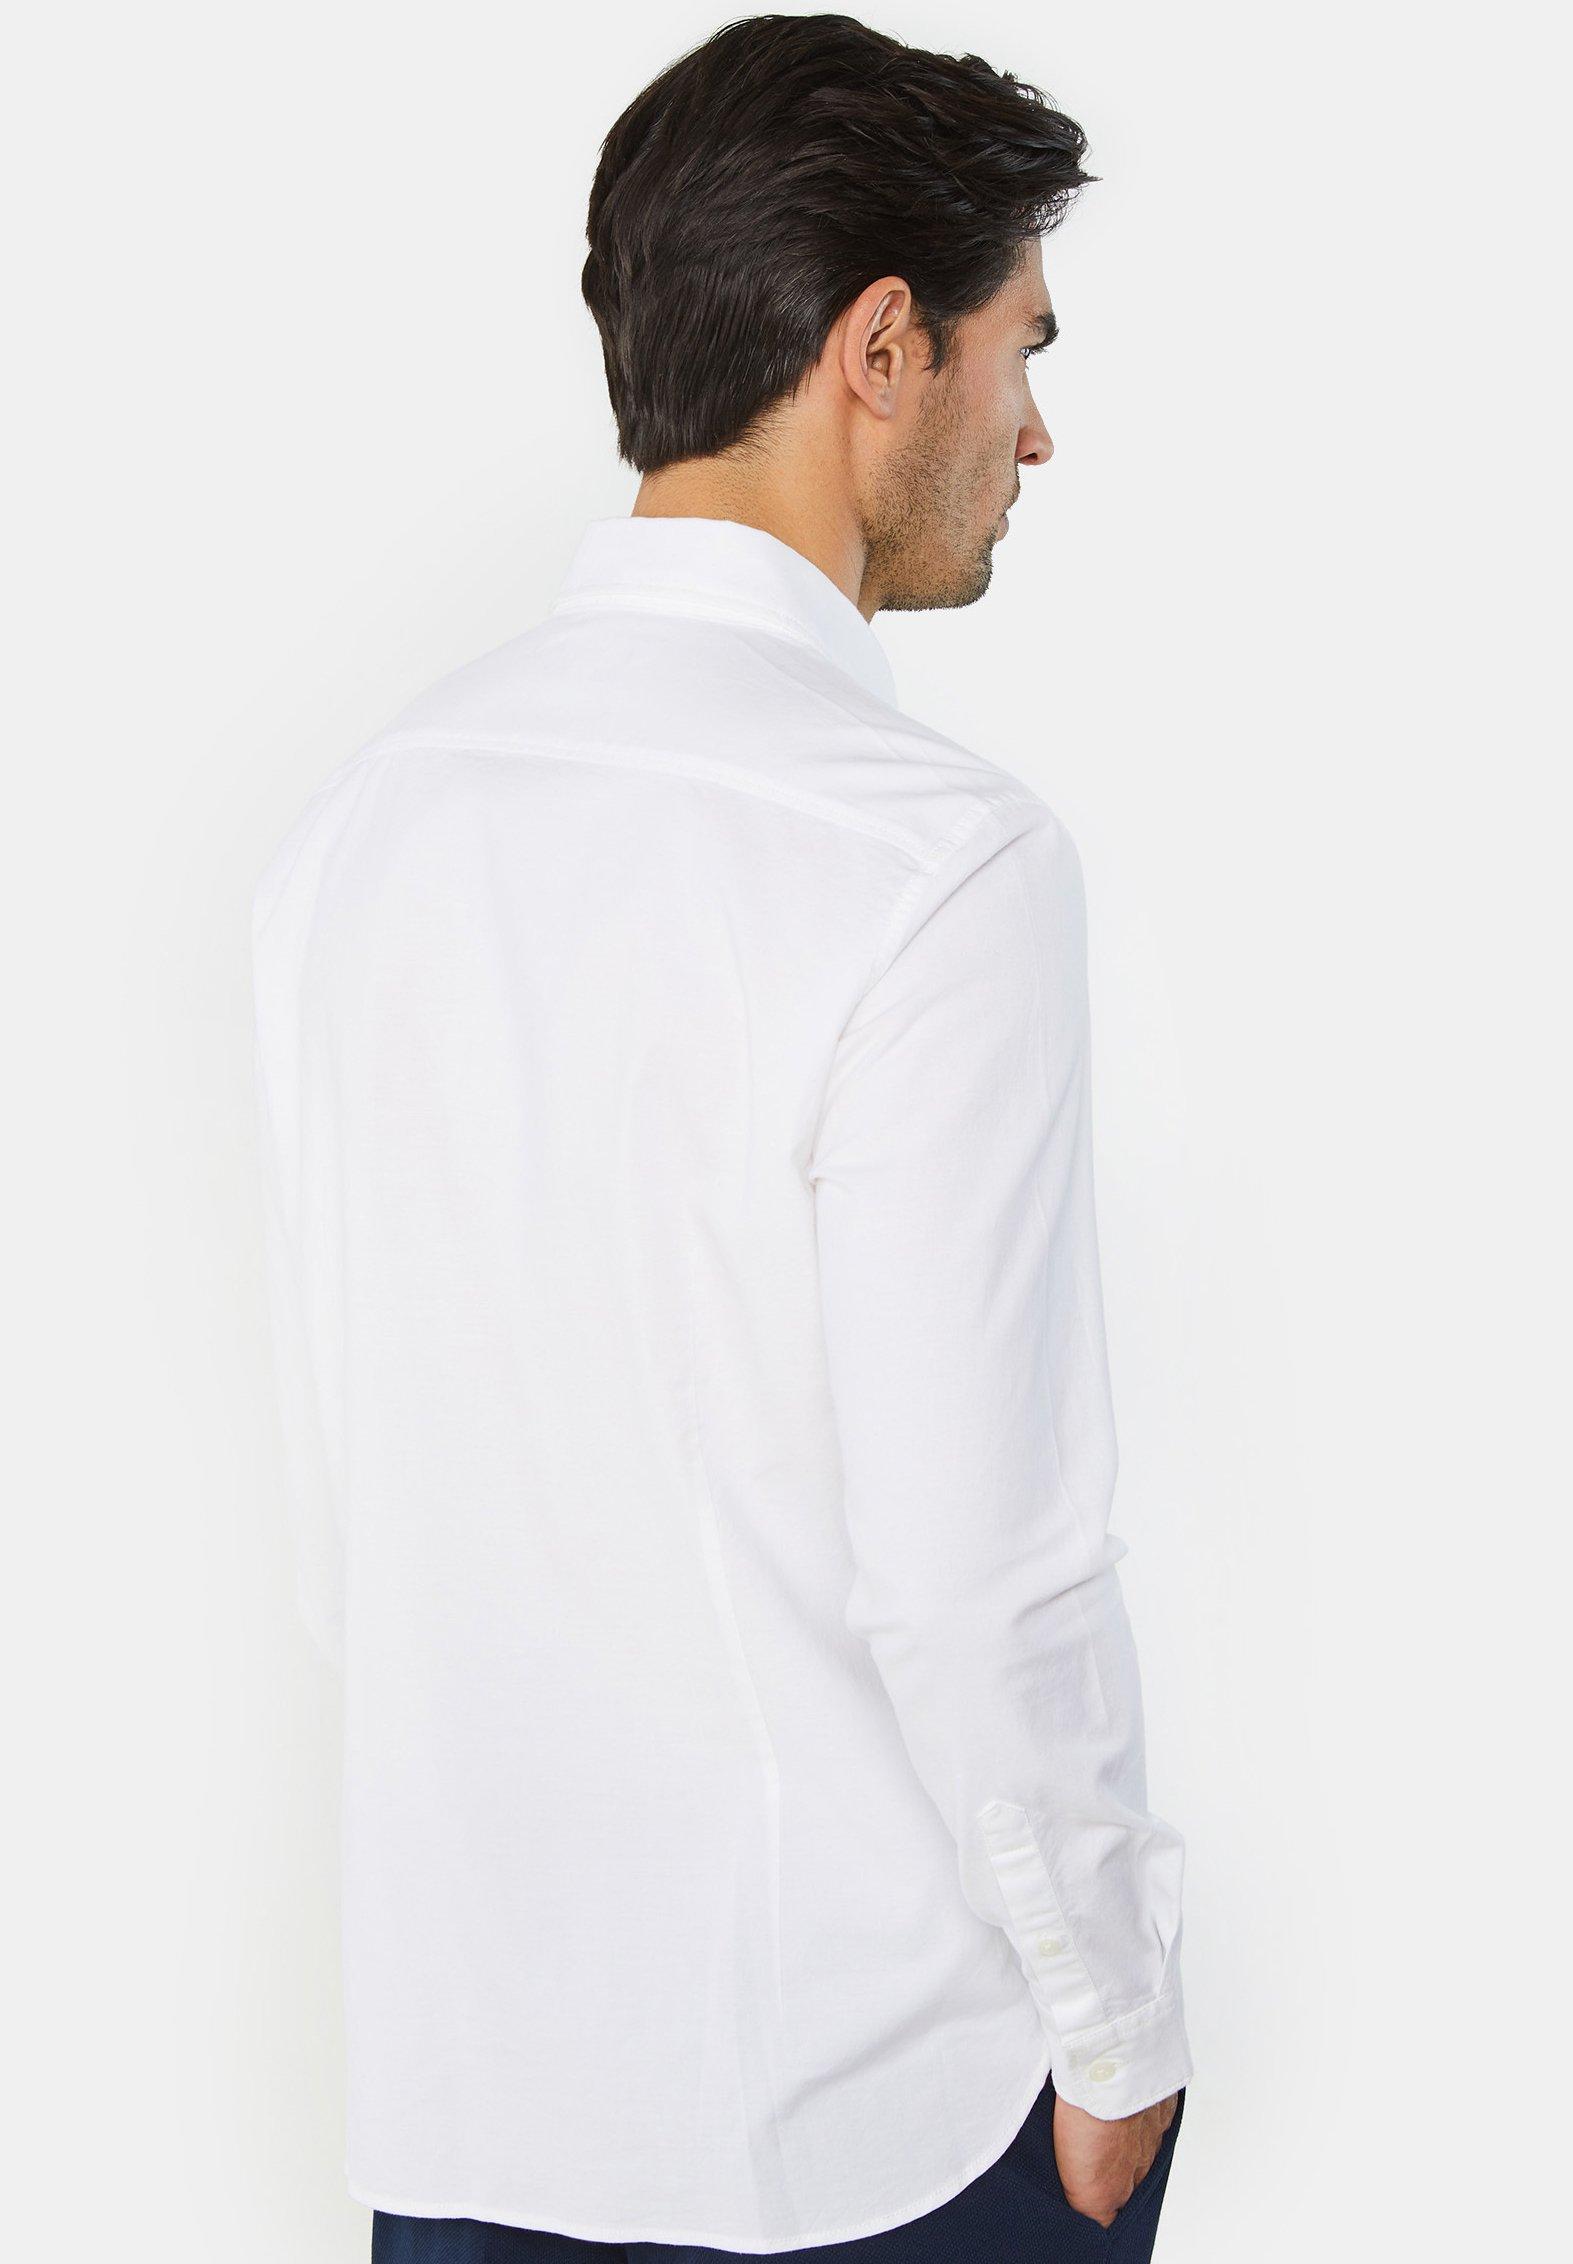 We Fashion Chemise - White